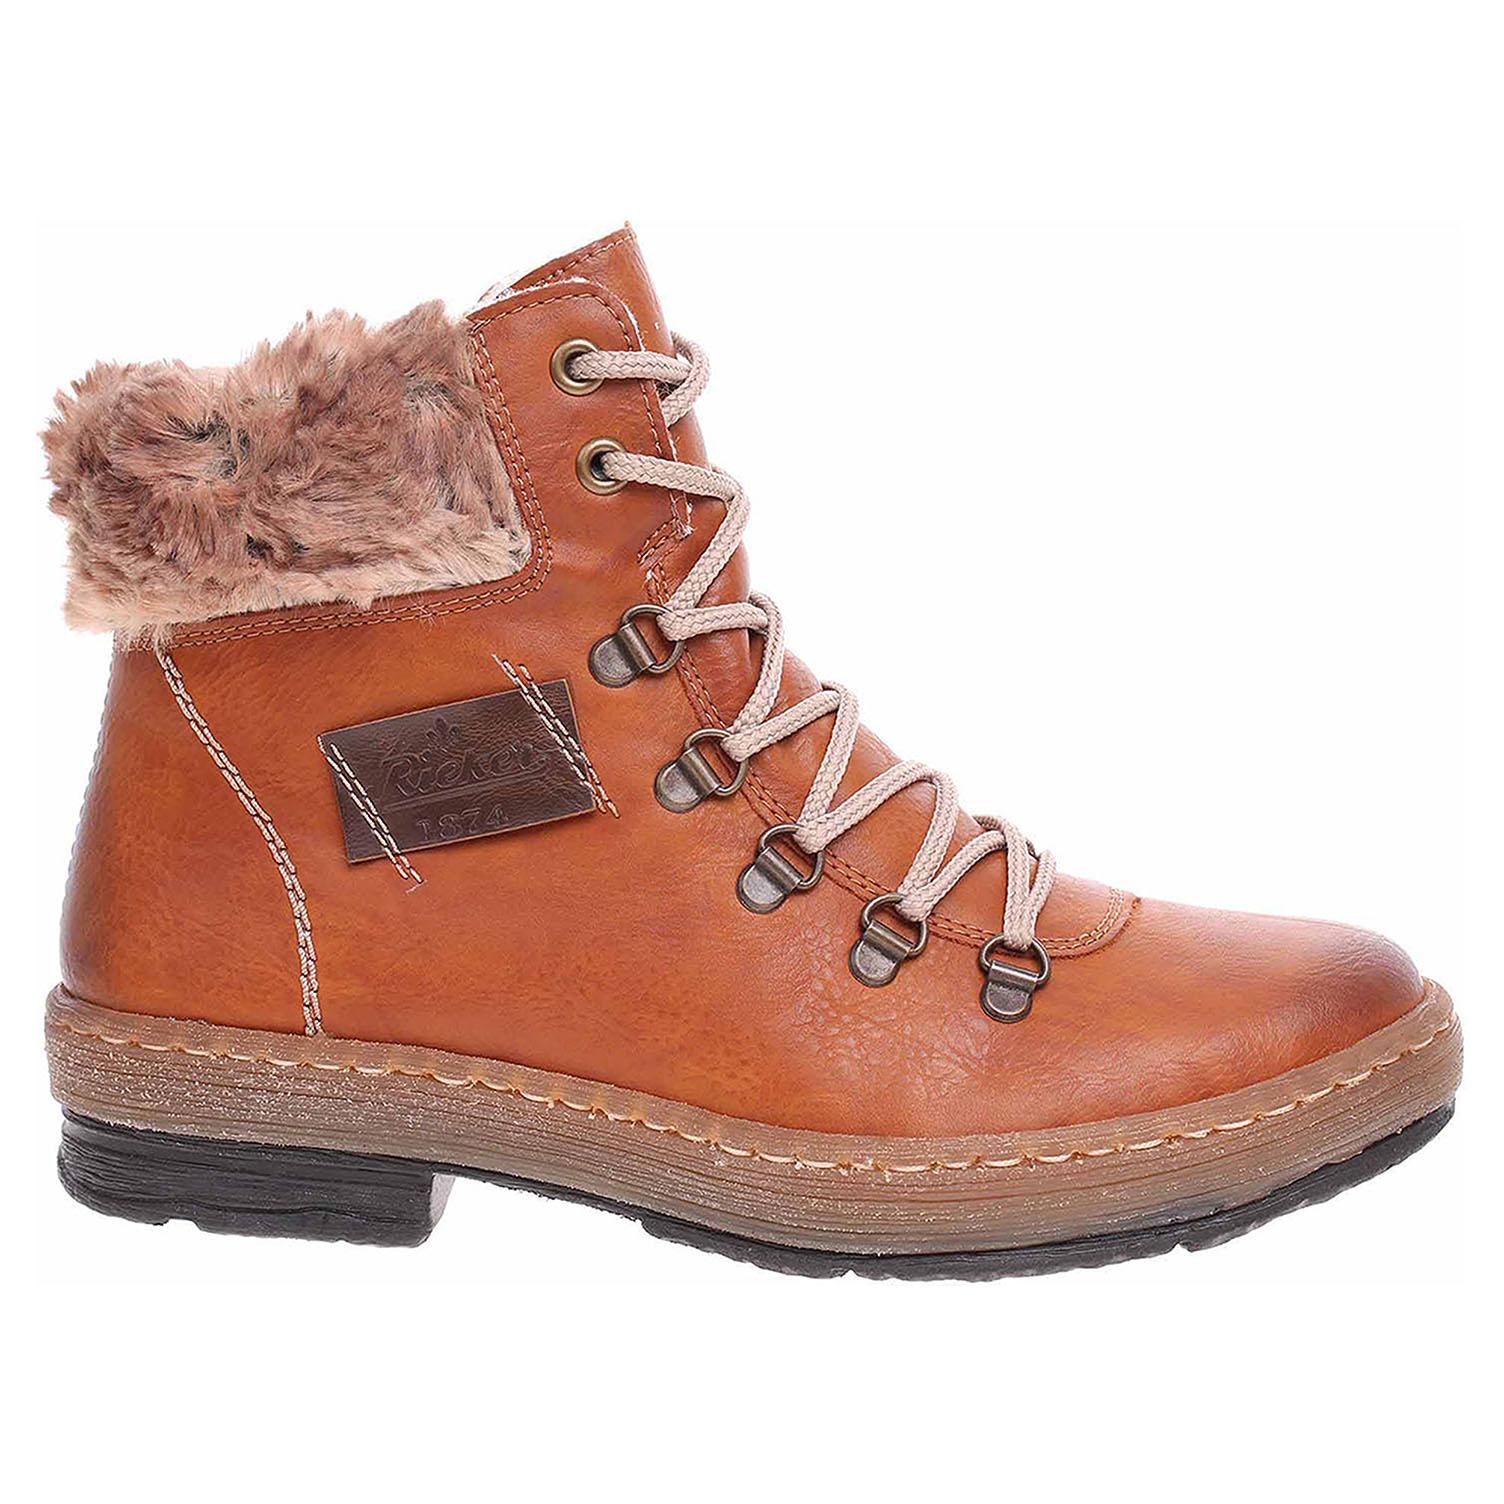 9560388843157 Ecco Dámská kotníková obuv Rieker Z6743-24 braun 22400513